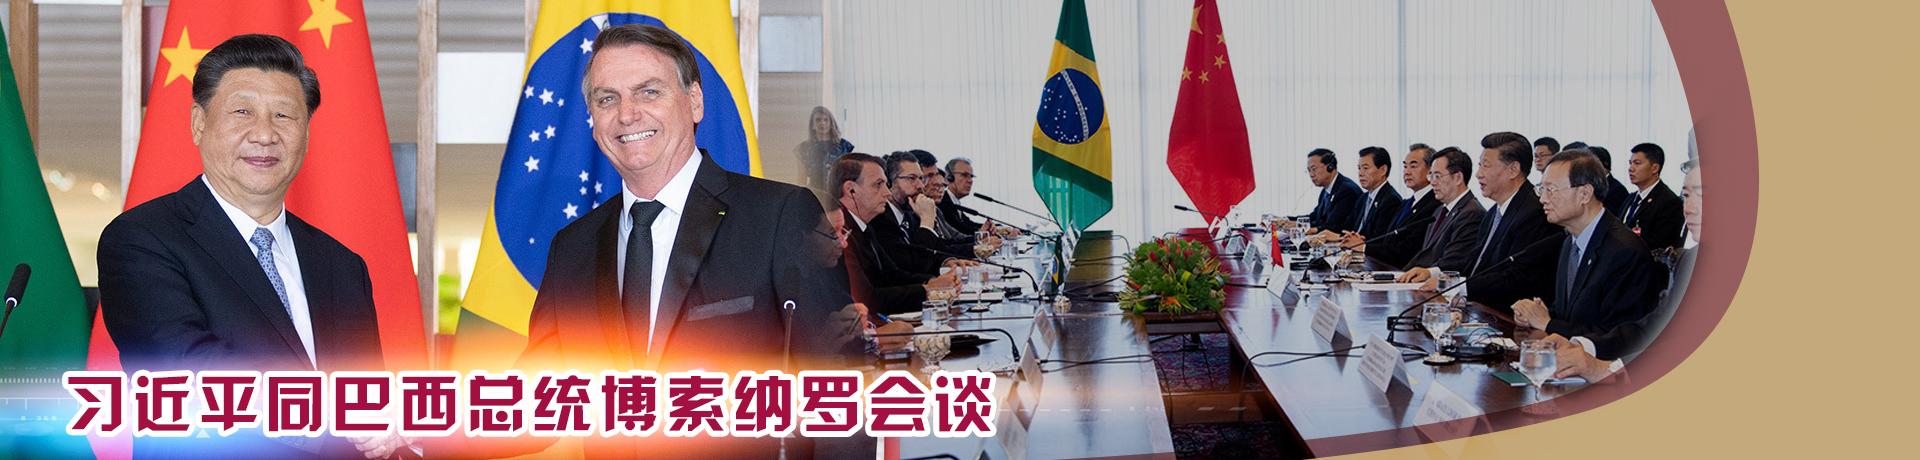 習近平同巴西總統博索納羅會談